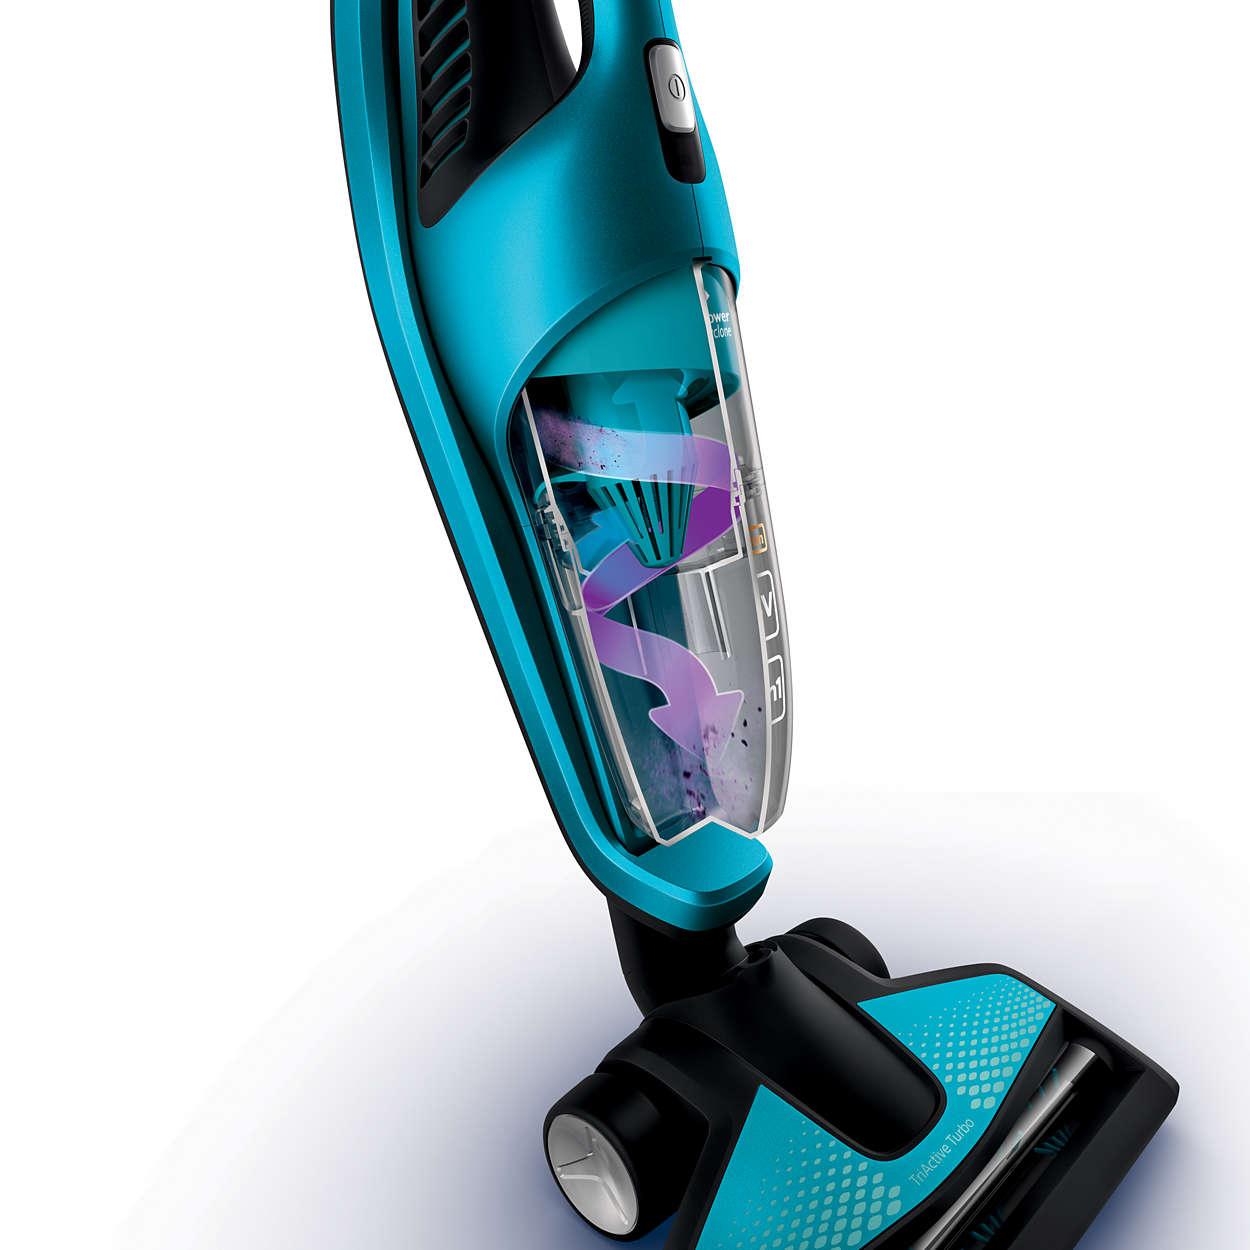 Powerpro Aqua Bezprzewodowy Odkurzacz Myjący 3w1 Z Odkurz Ręcznym